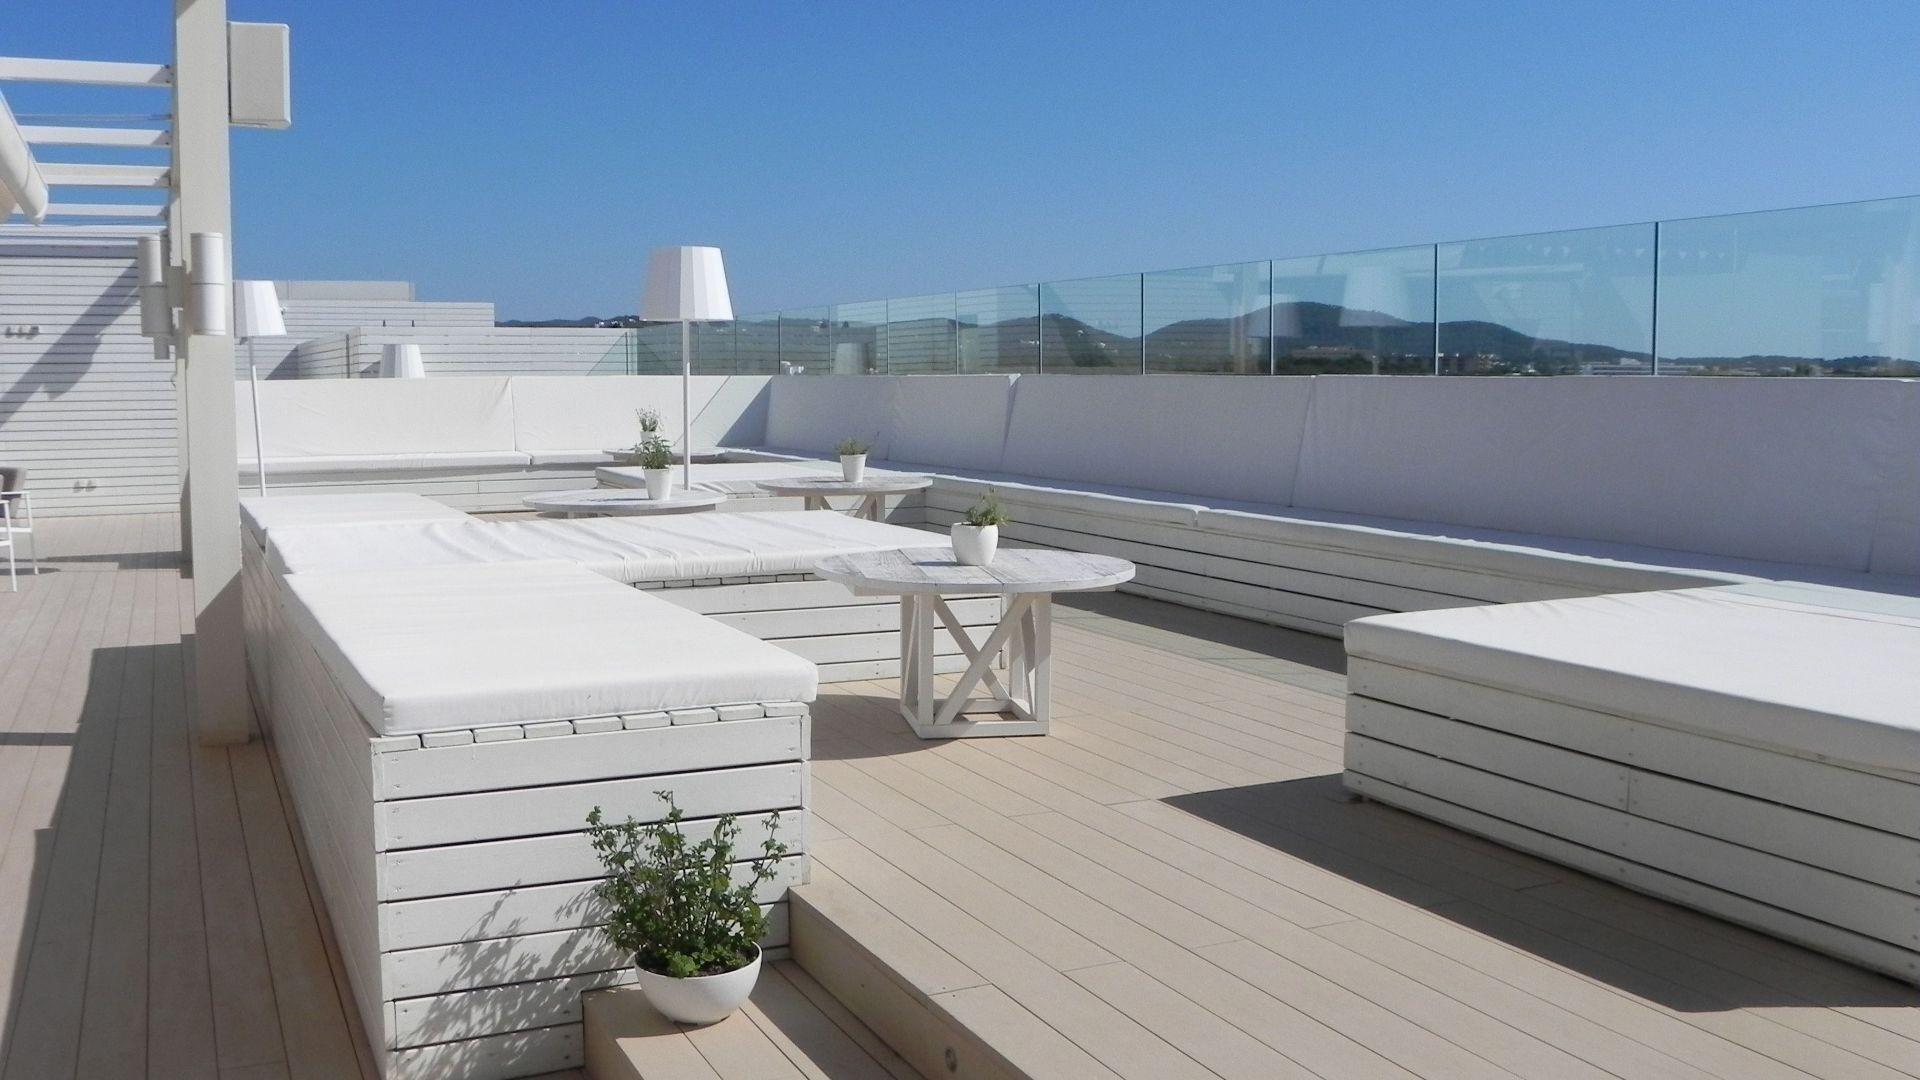 Tarima exterior de composite Hotel ME Ibiza